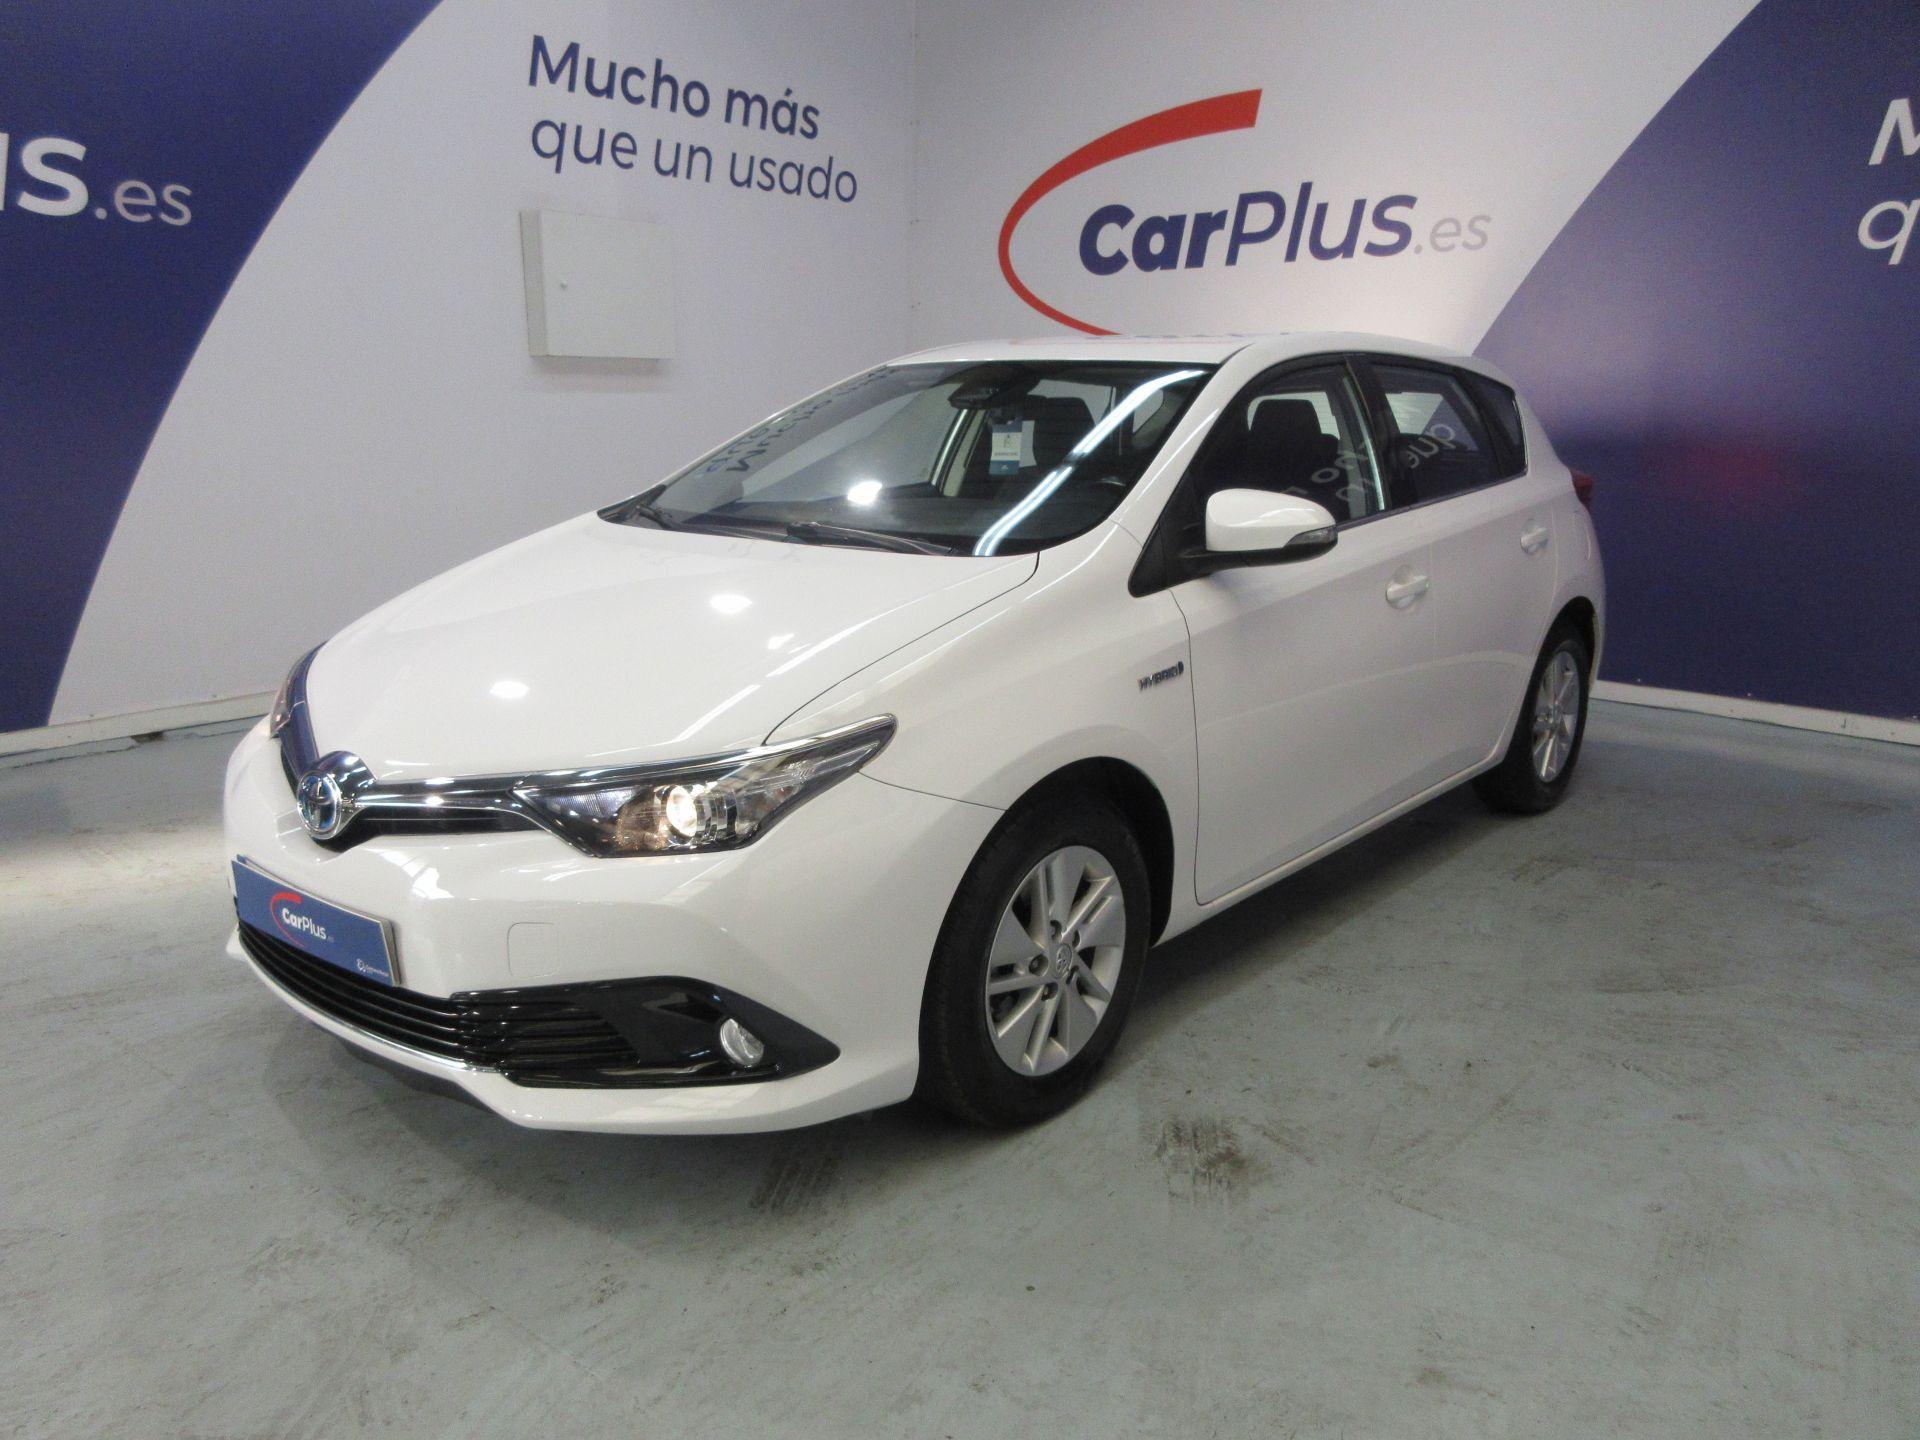 Toyota Auris ocasión segunda mano 2017 Híbrido por 13.890€ en Madrid